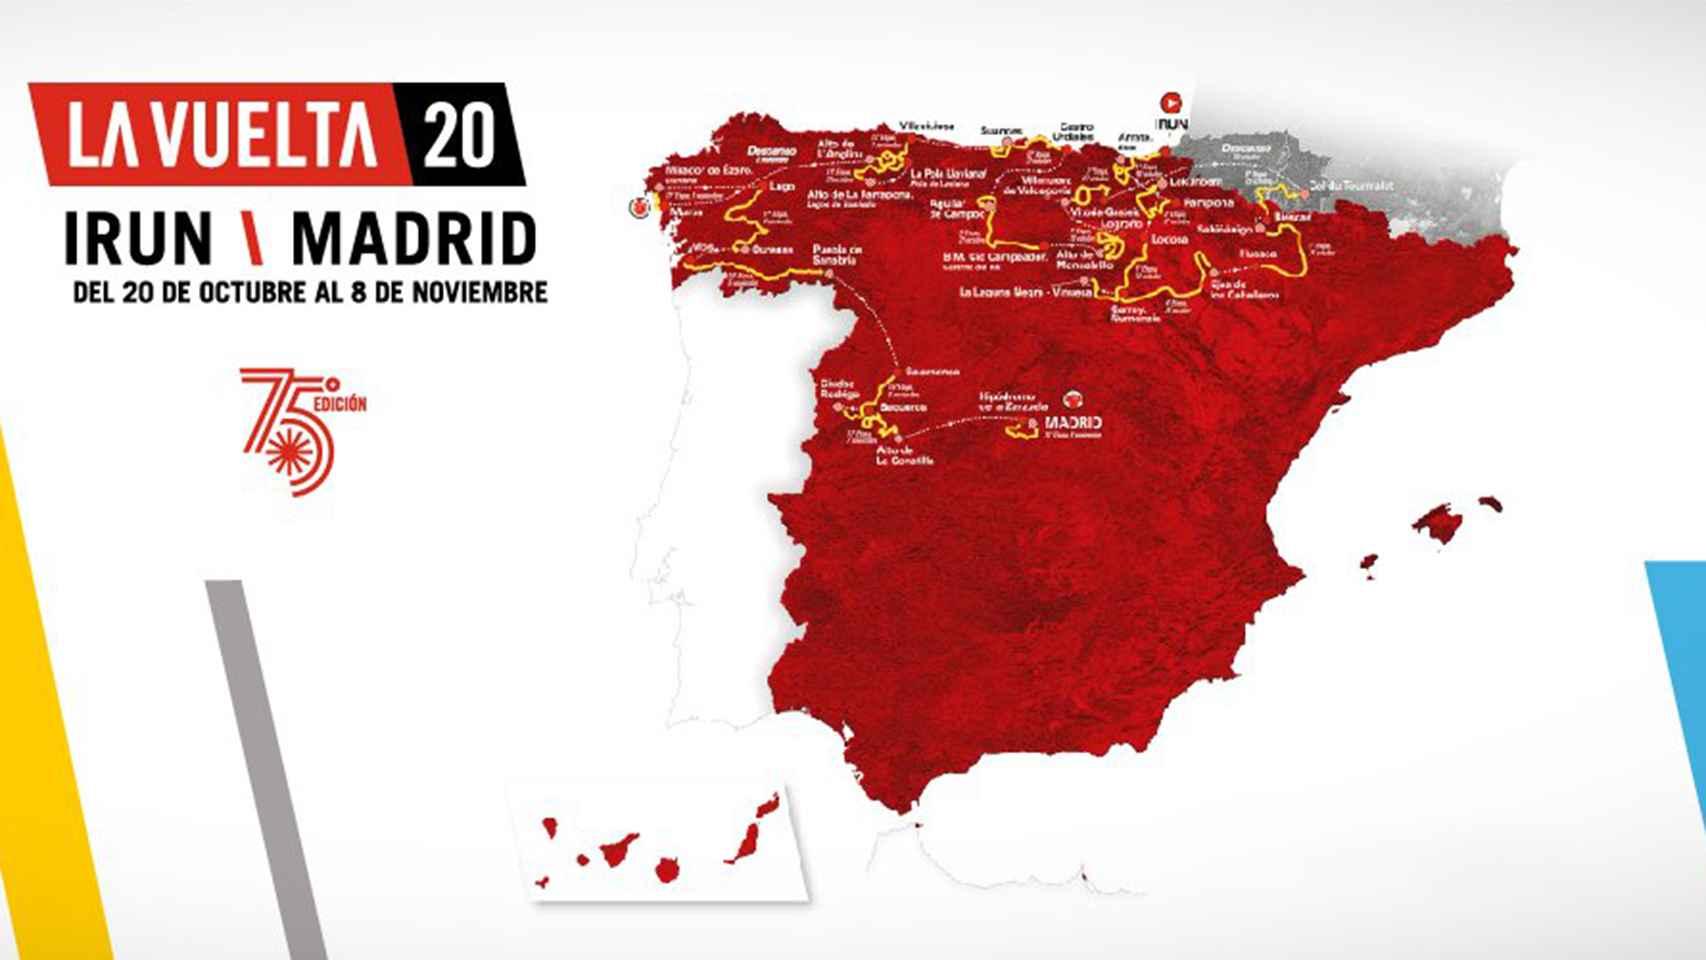 La Vuelta a España 2020